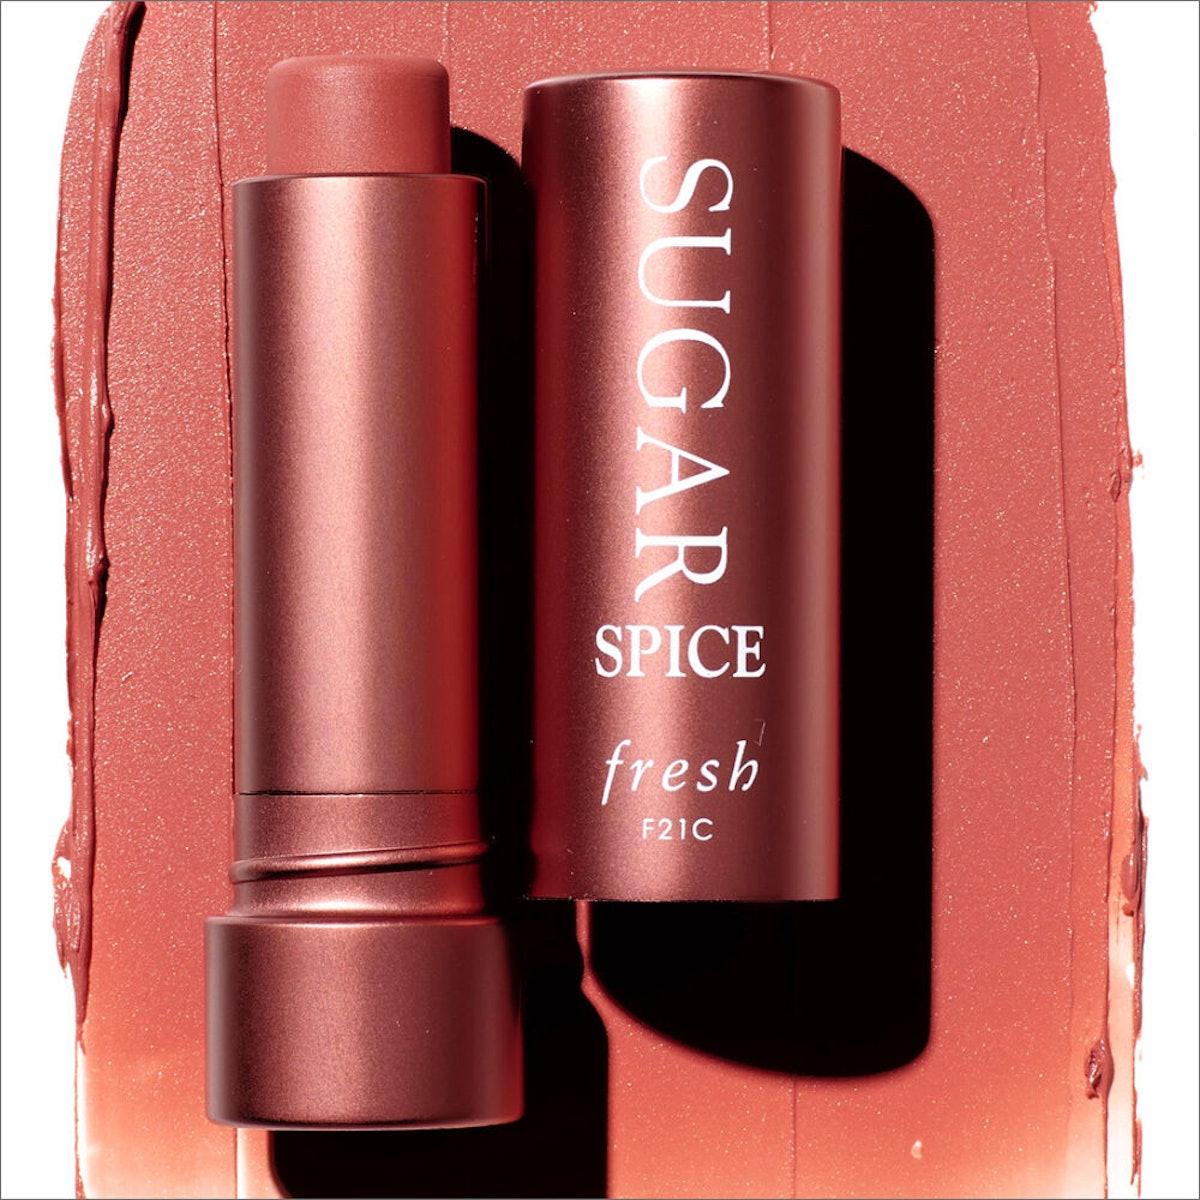 Sugar Spice Lip Balm Sunscreen SPF 15